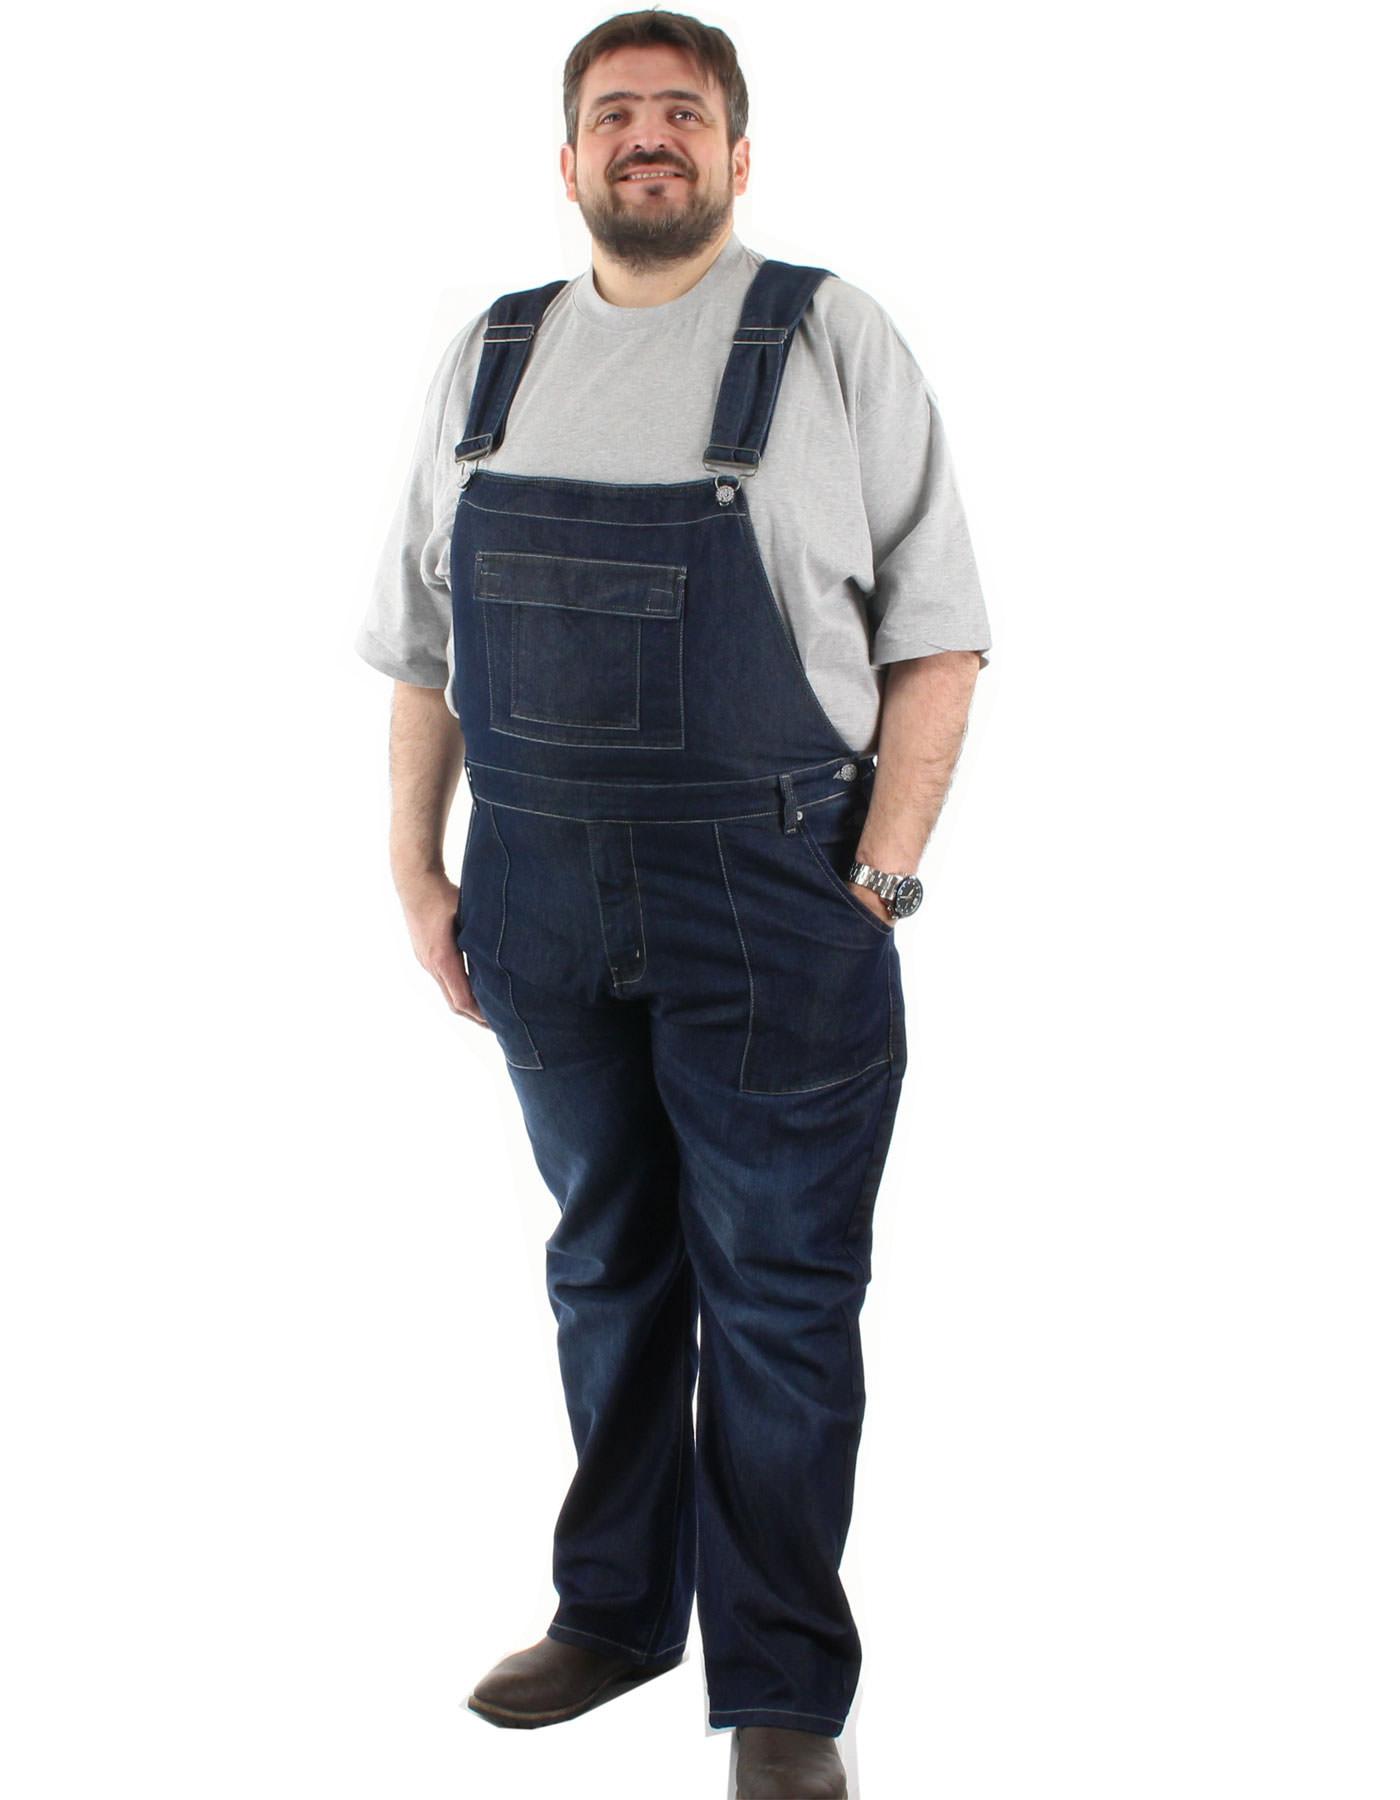 salopette en jean grande taill epour homme disponible jusqu'au 86